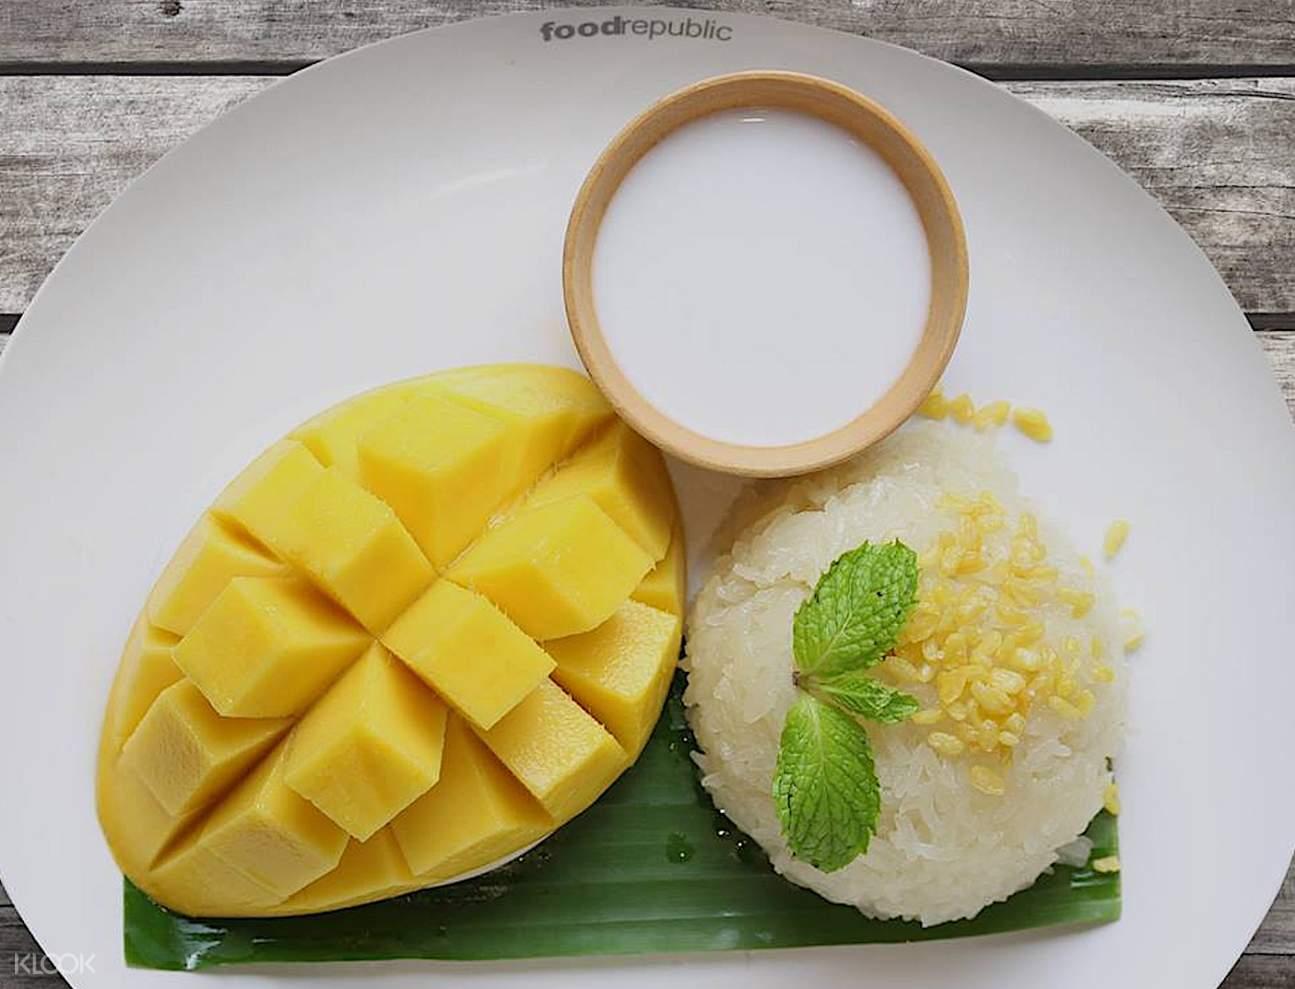 暹罗中心 大食代Food Republic美食充值卡